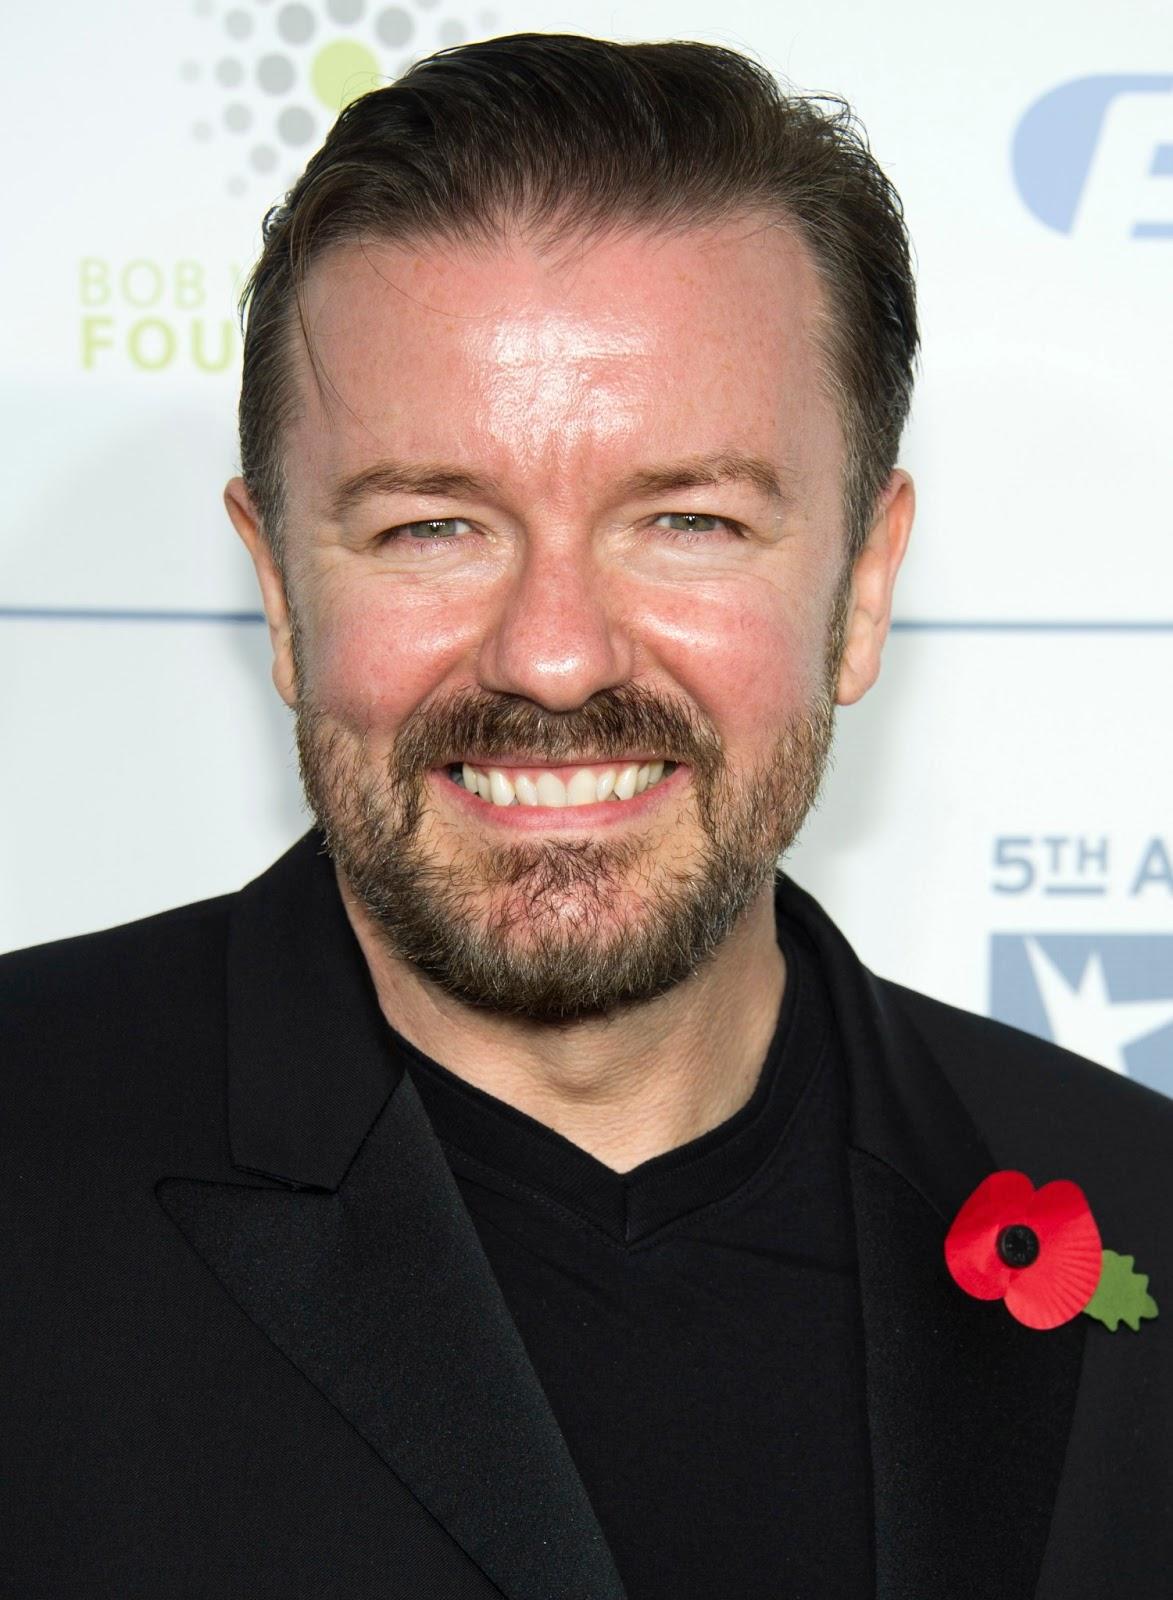 Ricky Gervais Image To U